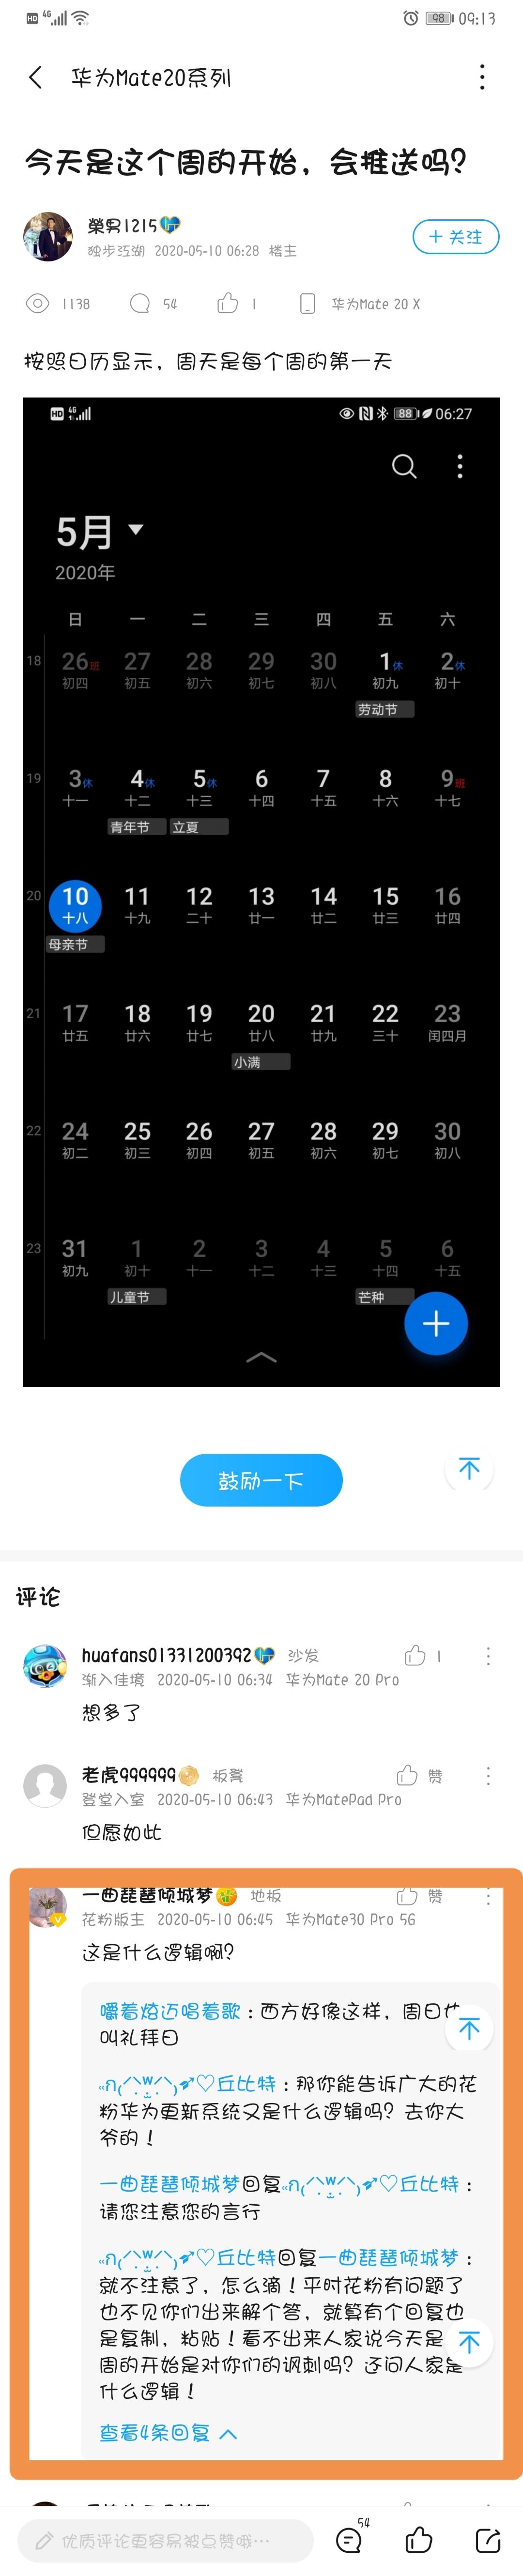 Screenshot_20200510_091334.jpg